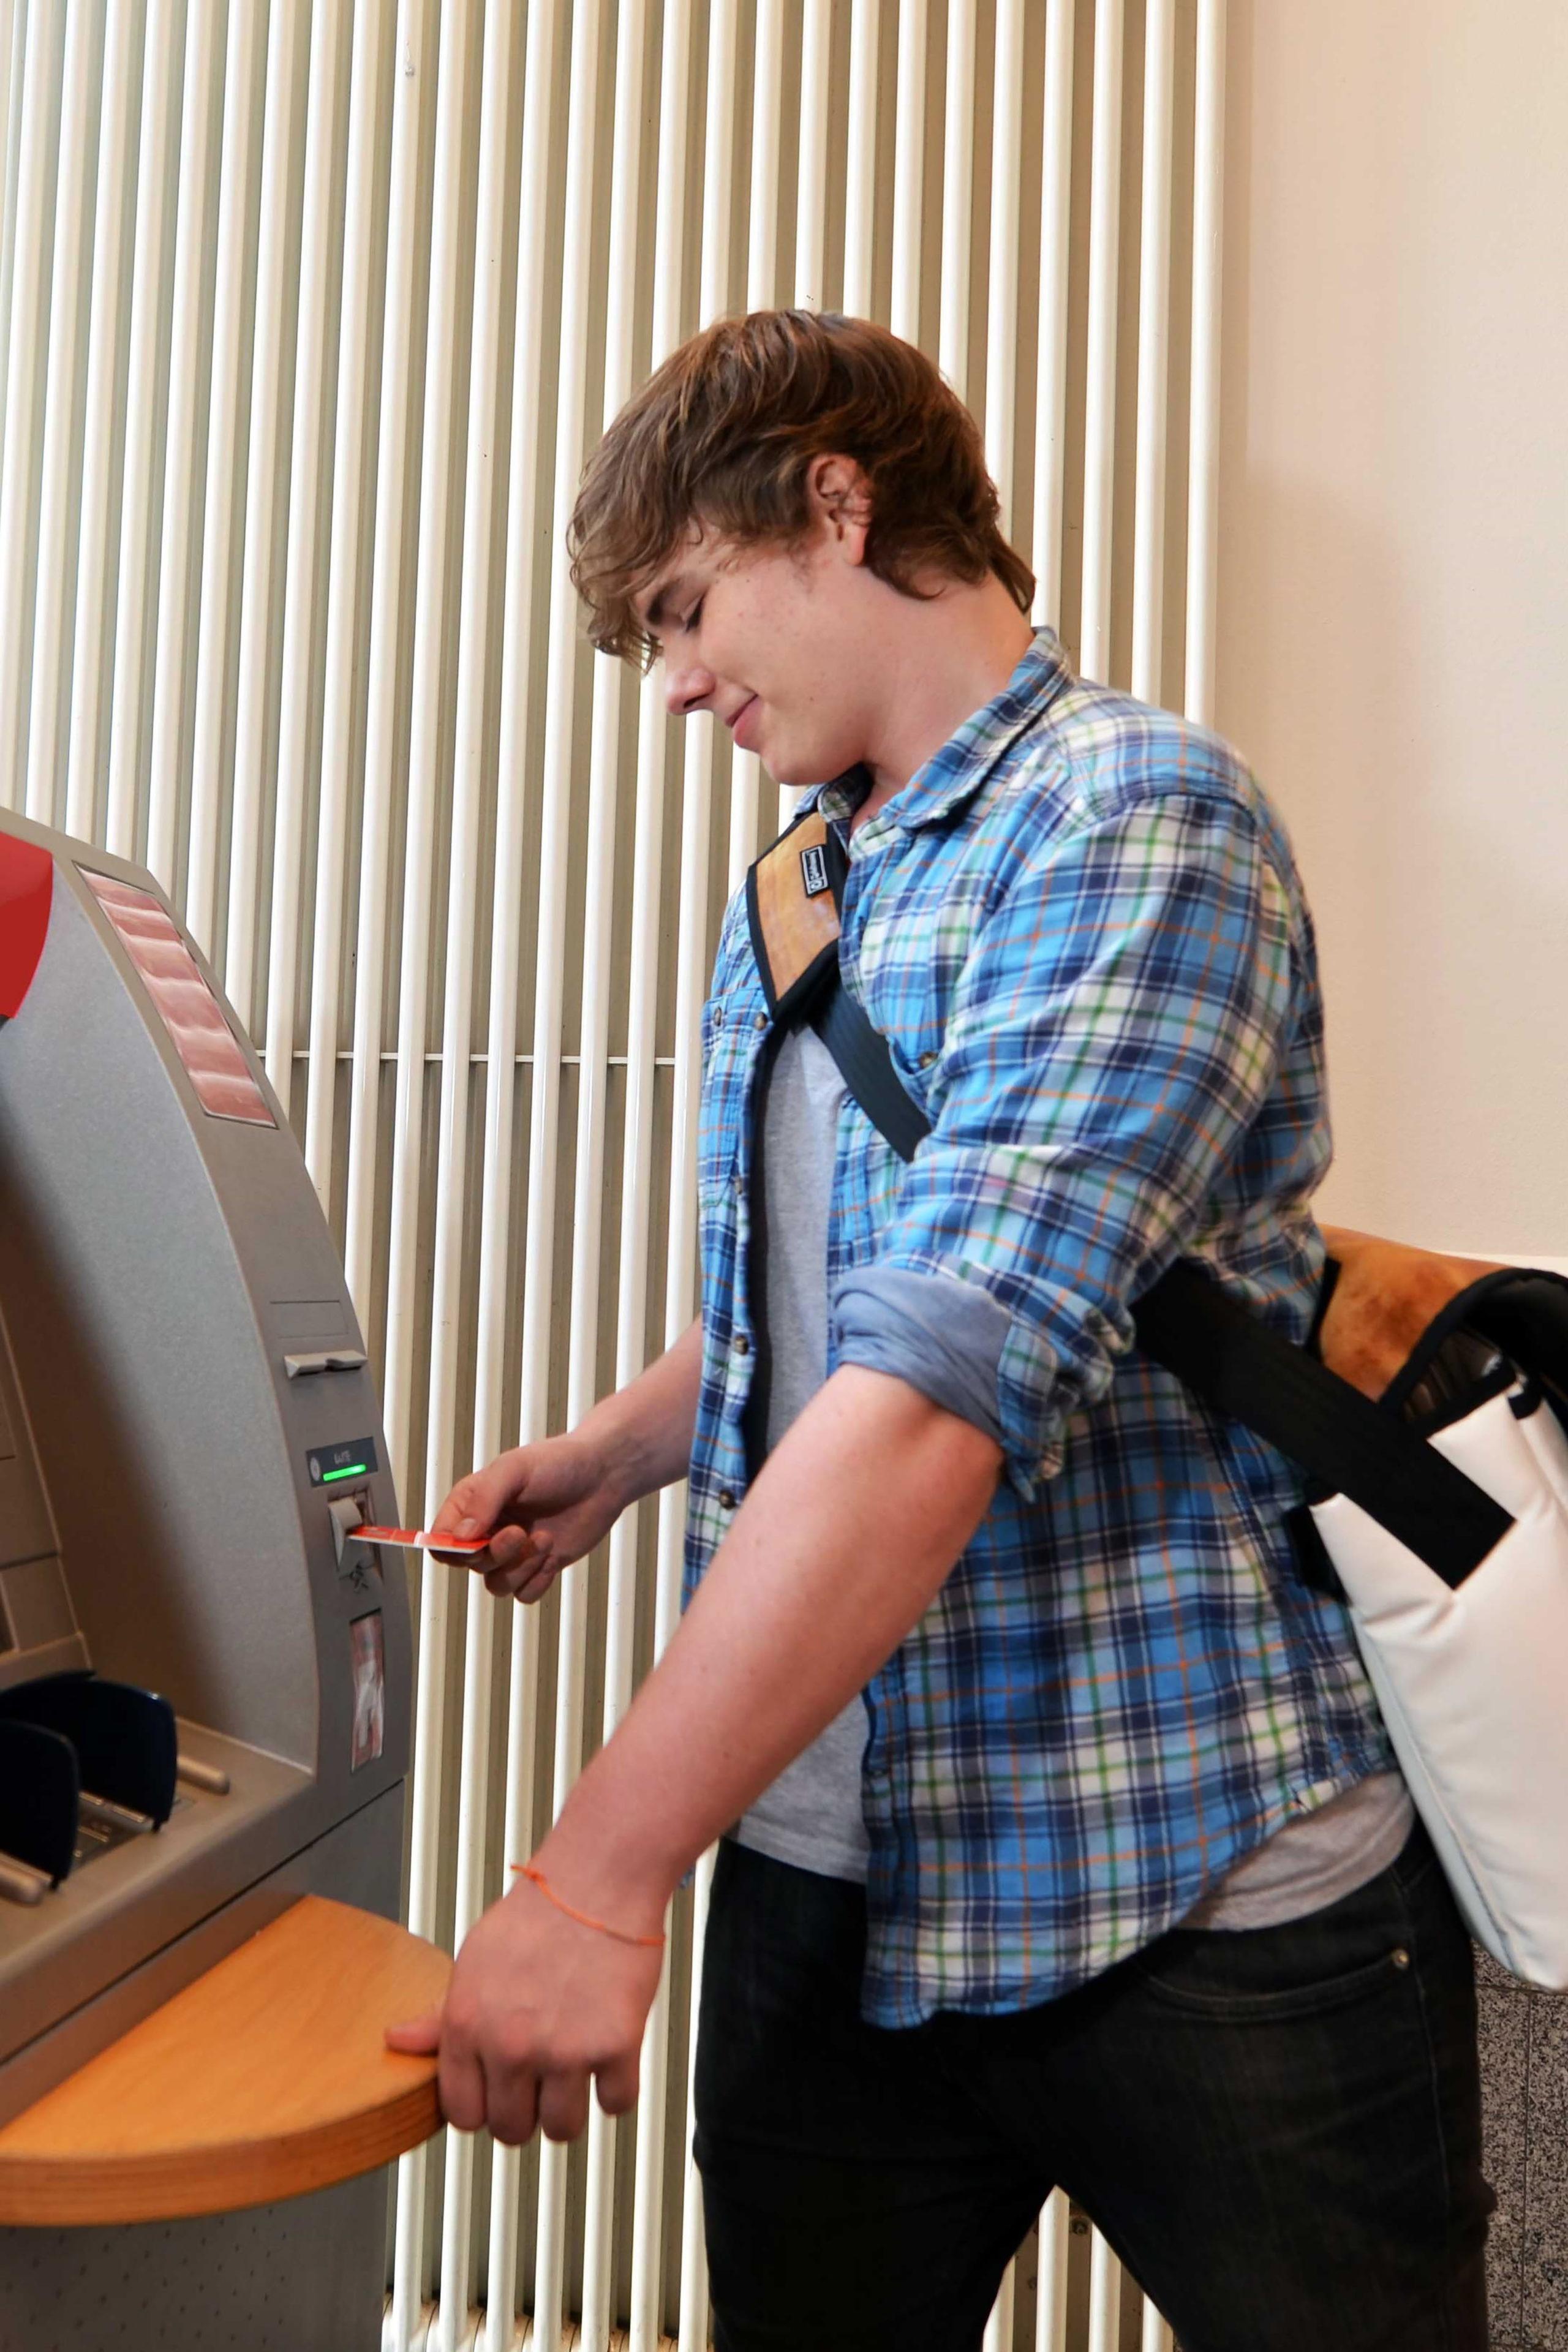 Im Rahmen des Taschengeldes sollten Jugendliche frei entscheiden dürfen, wofür sie das Geld verwenden - auch mit dem ersten eigenen Konto - Taschengeld-Paragraph